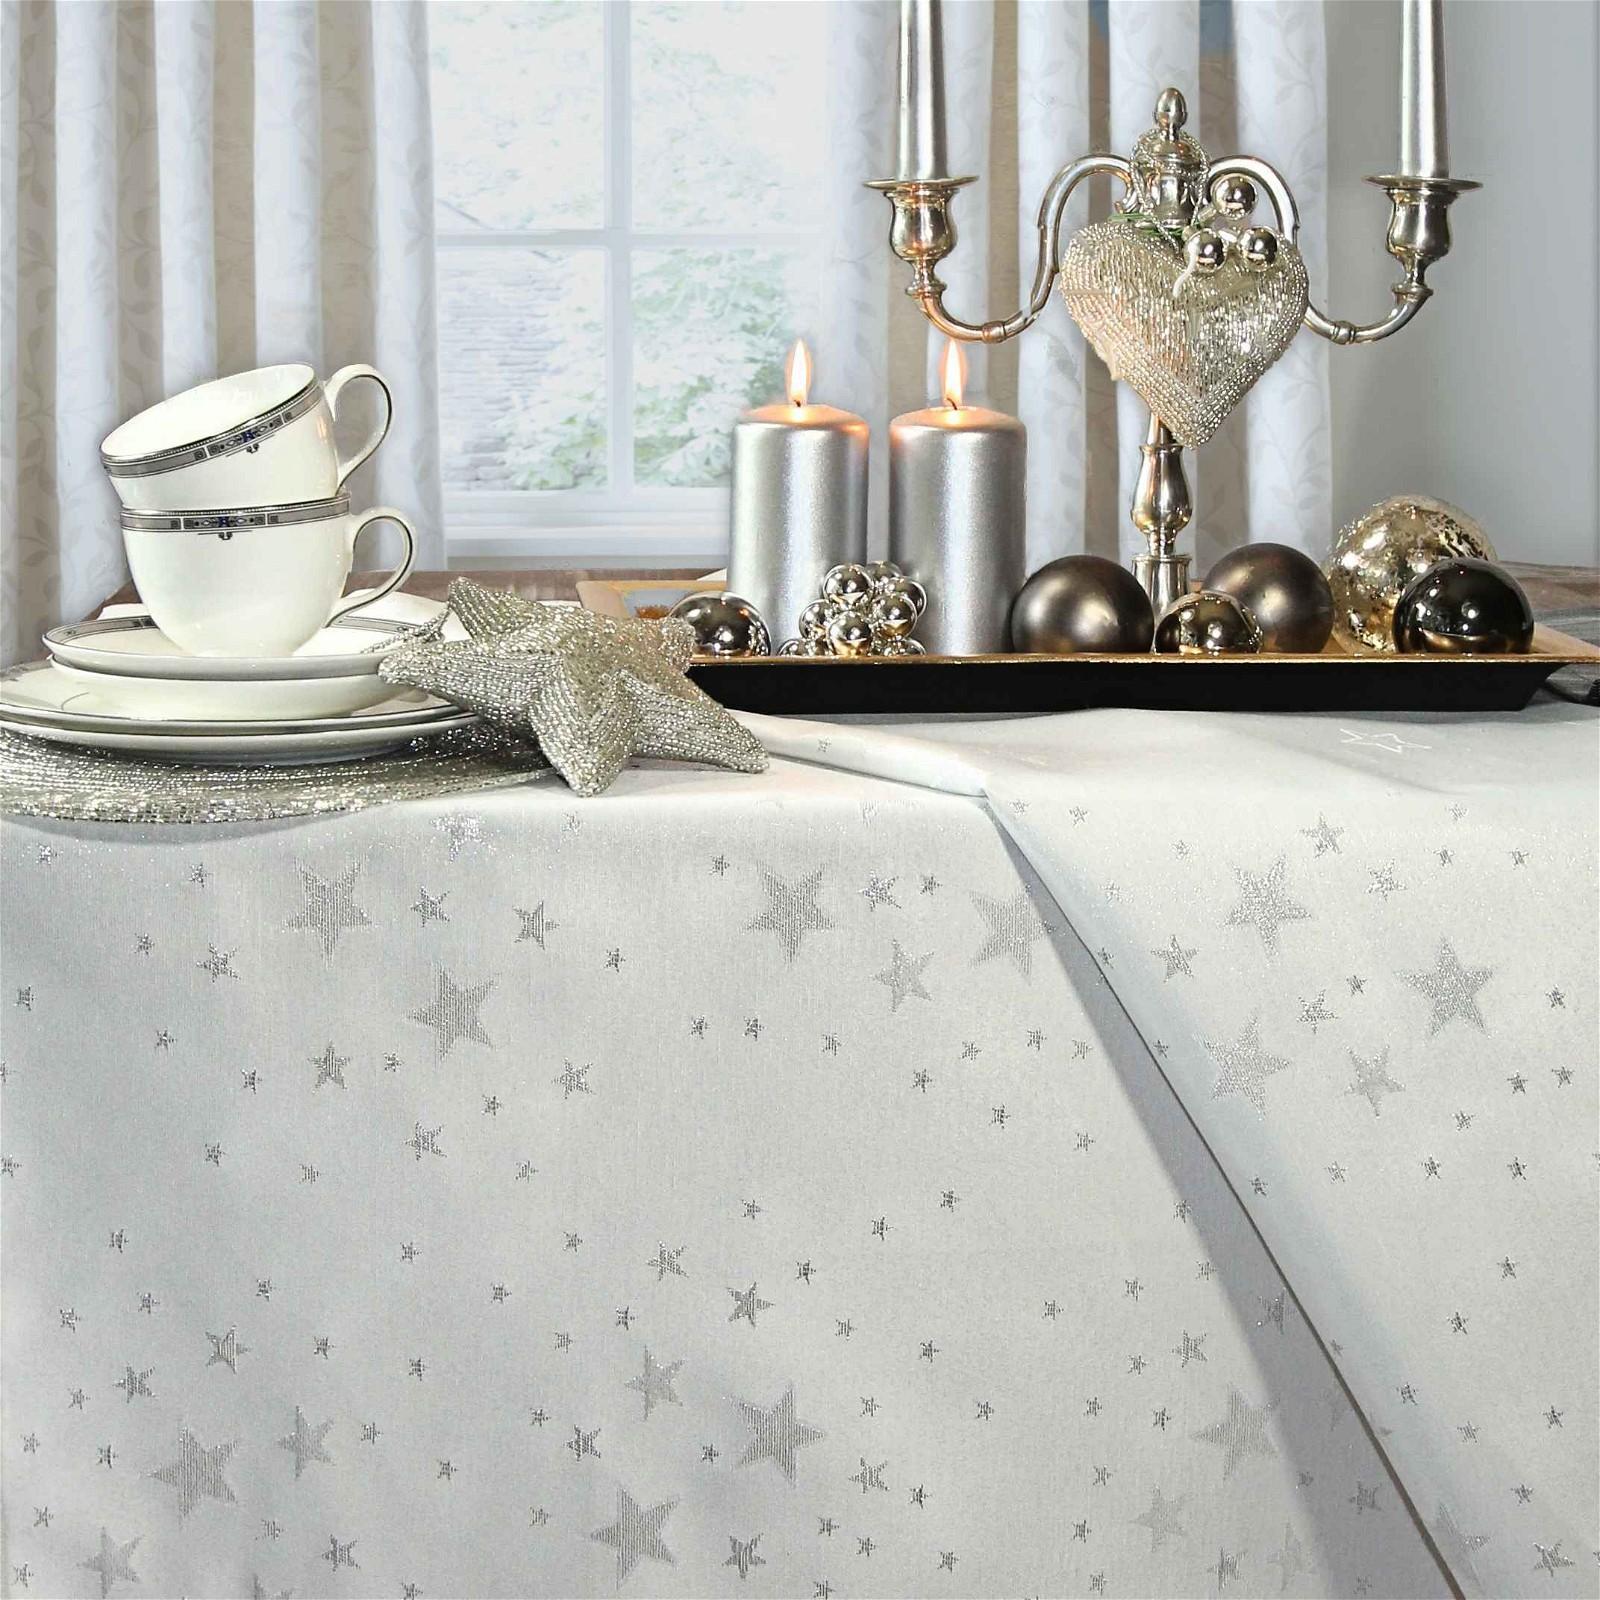 weihnachtstischdecke sternenhimmel von la tavola. Black Bedroom Furniture Sets. Home Design Ideas